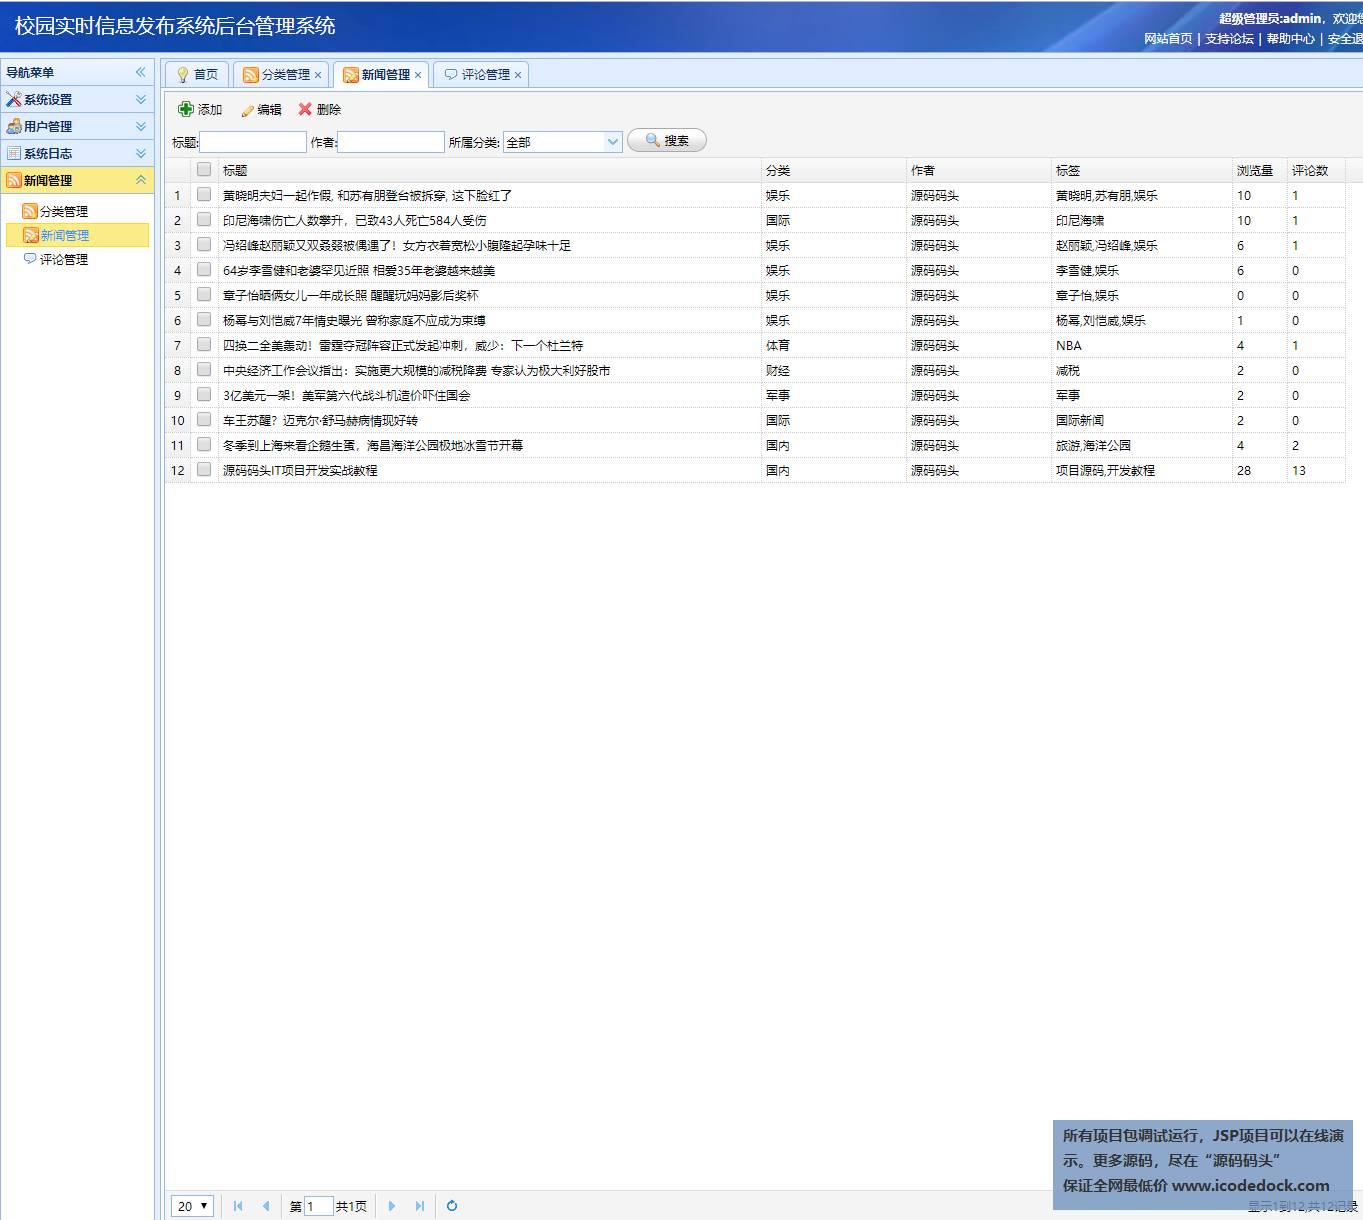 源码码头-SSM新闻发布管理系统-管理员角色-新闻管理